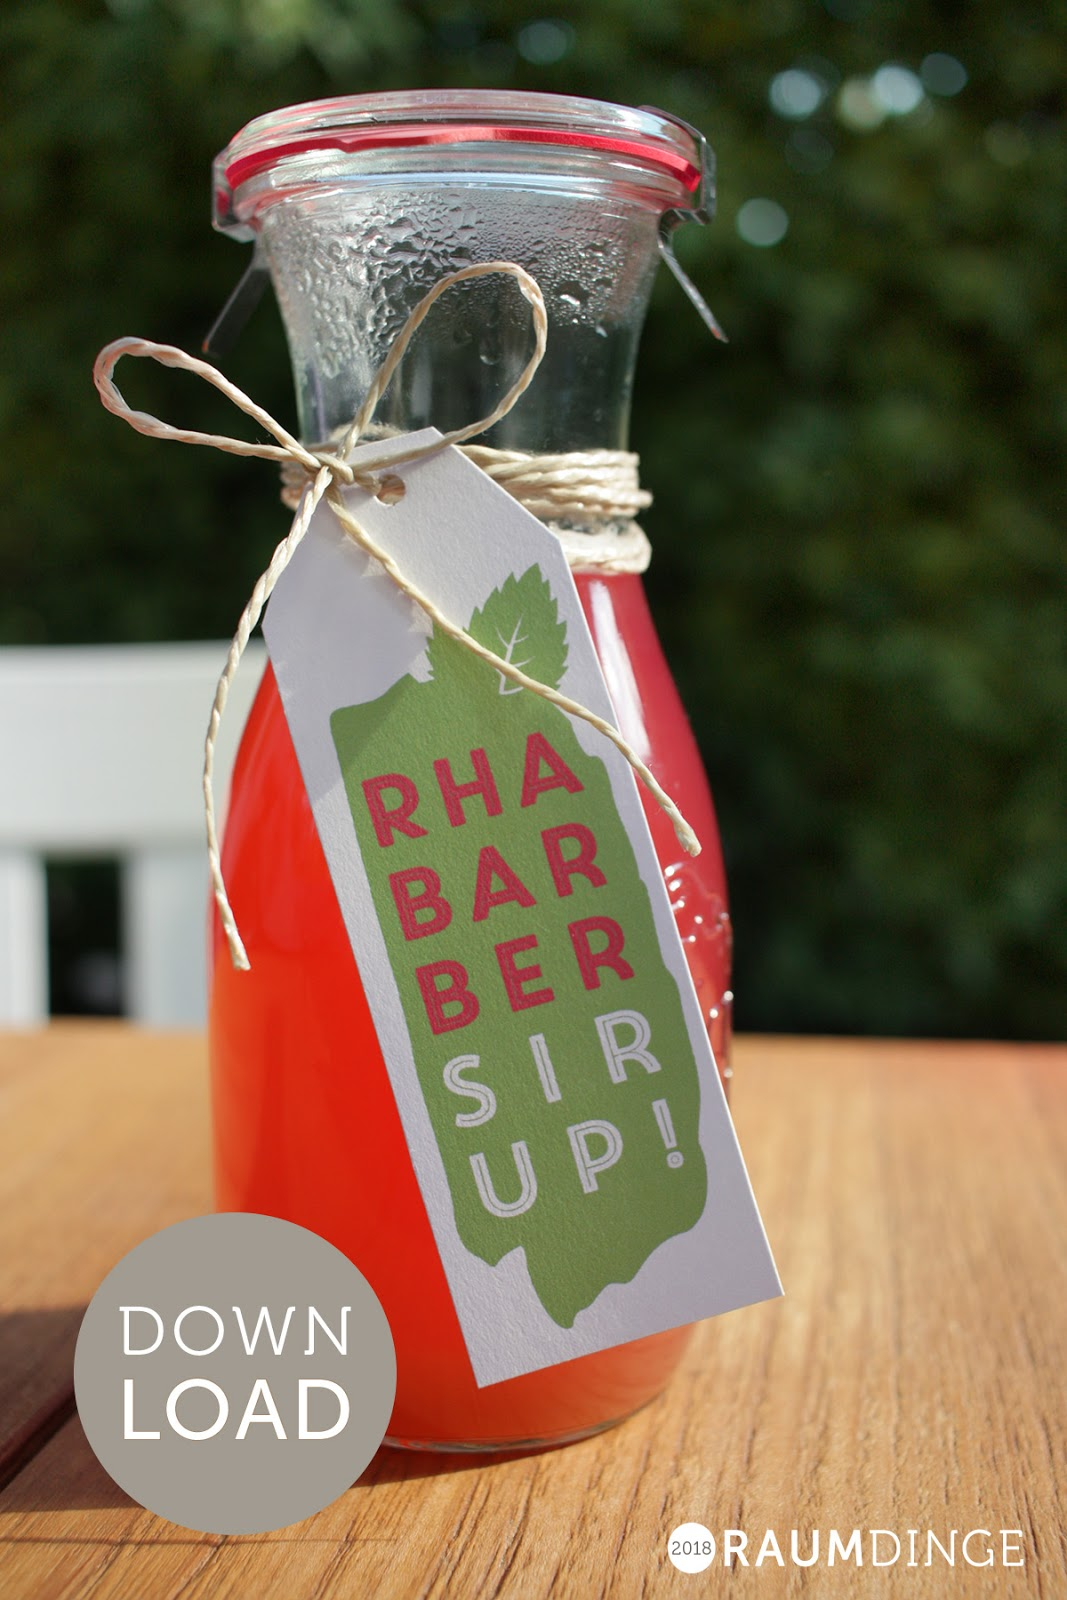 Rhabarber, Sirup, DIY, selbst gemacht, Etikett zum Download